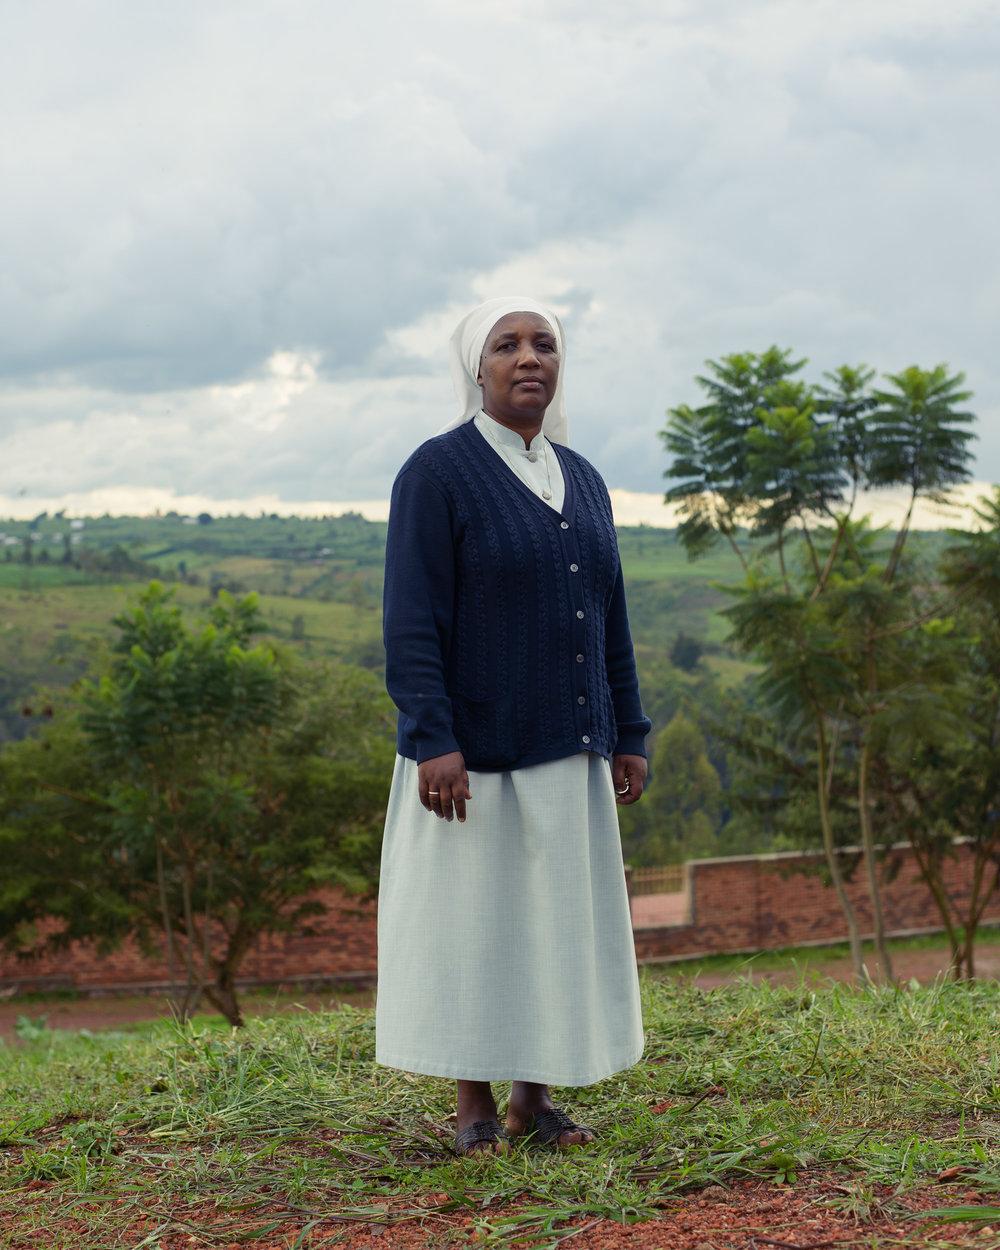 Fonerwa_Rwanda-4-23-14-0040.jpg